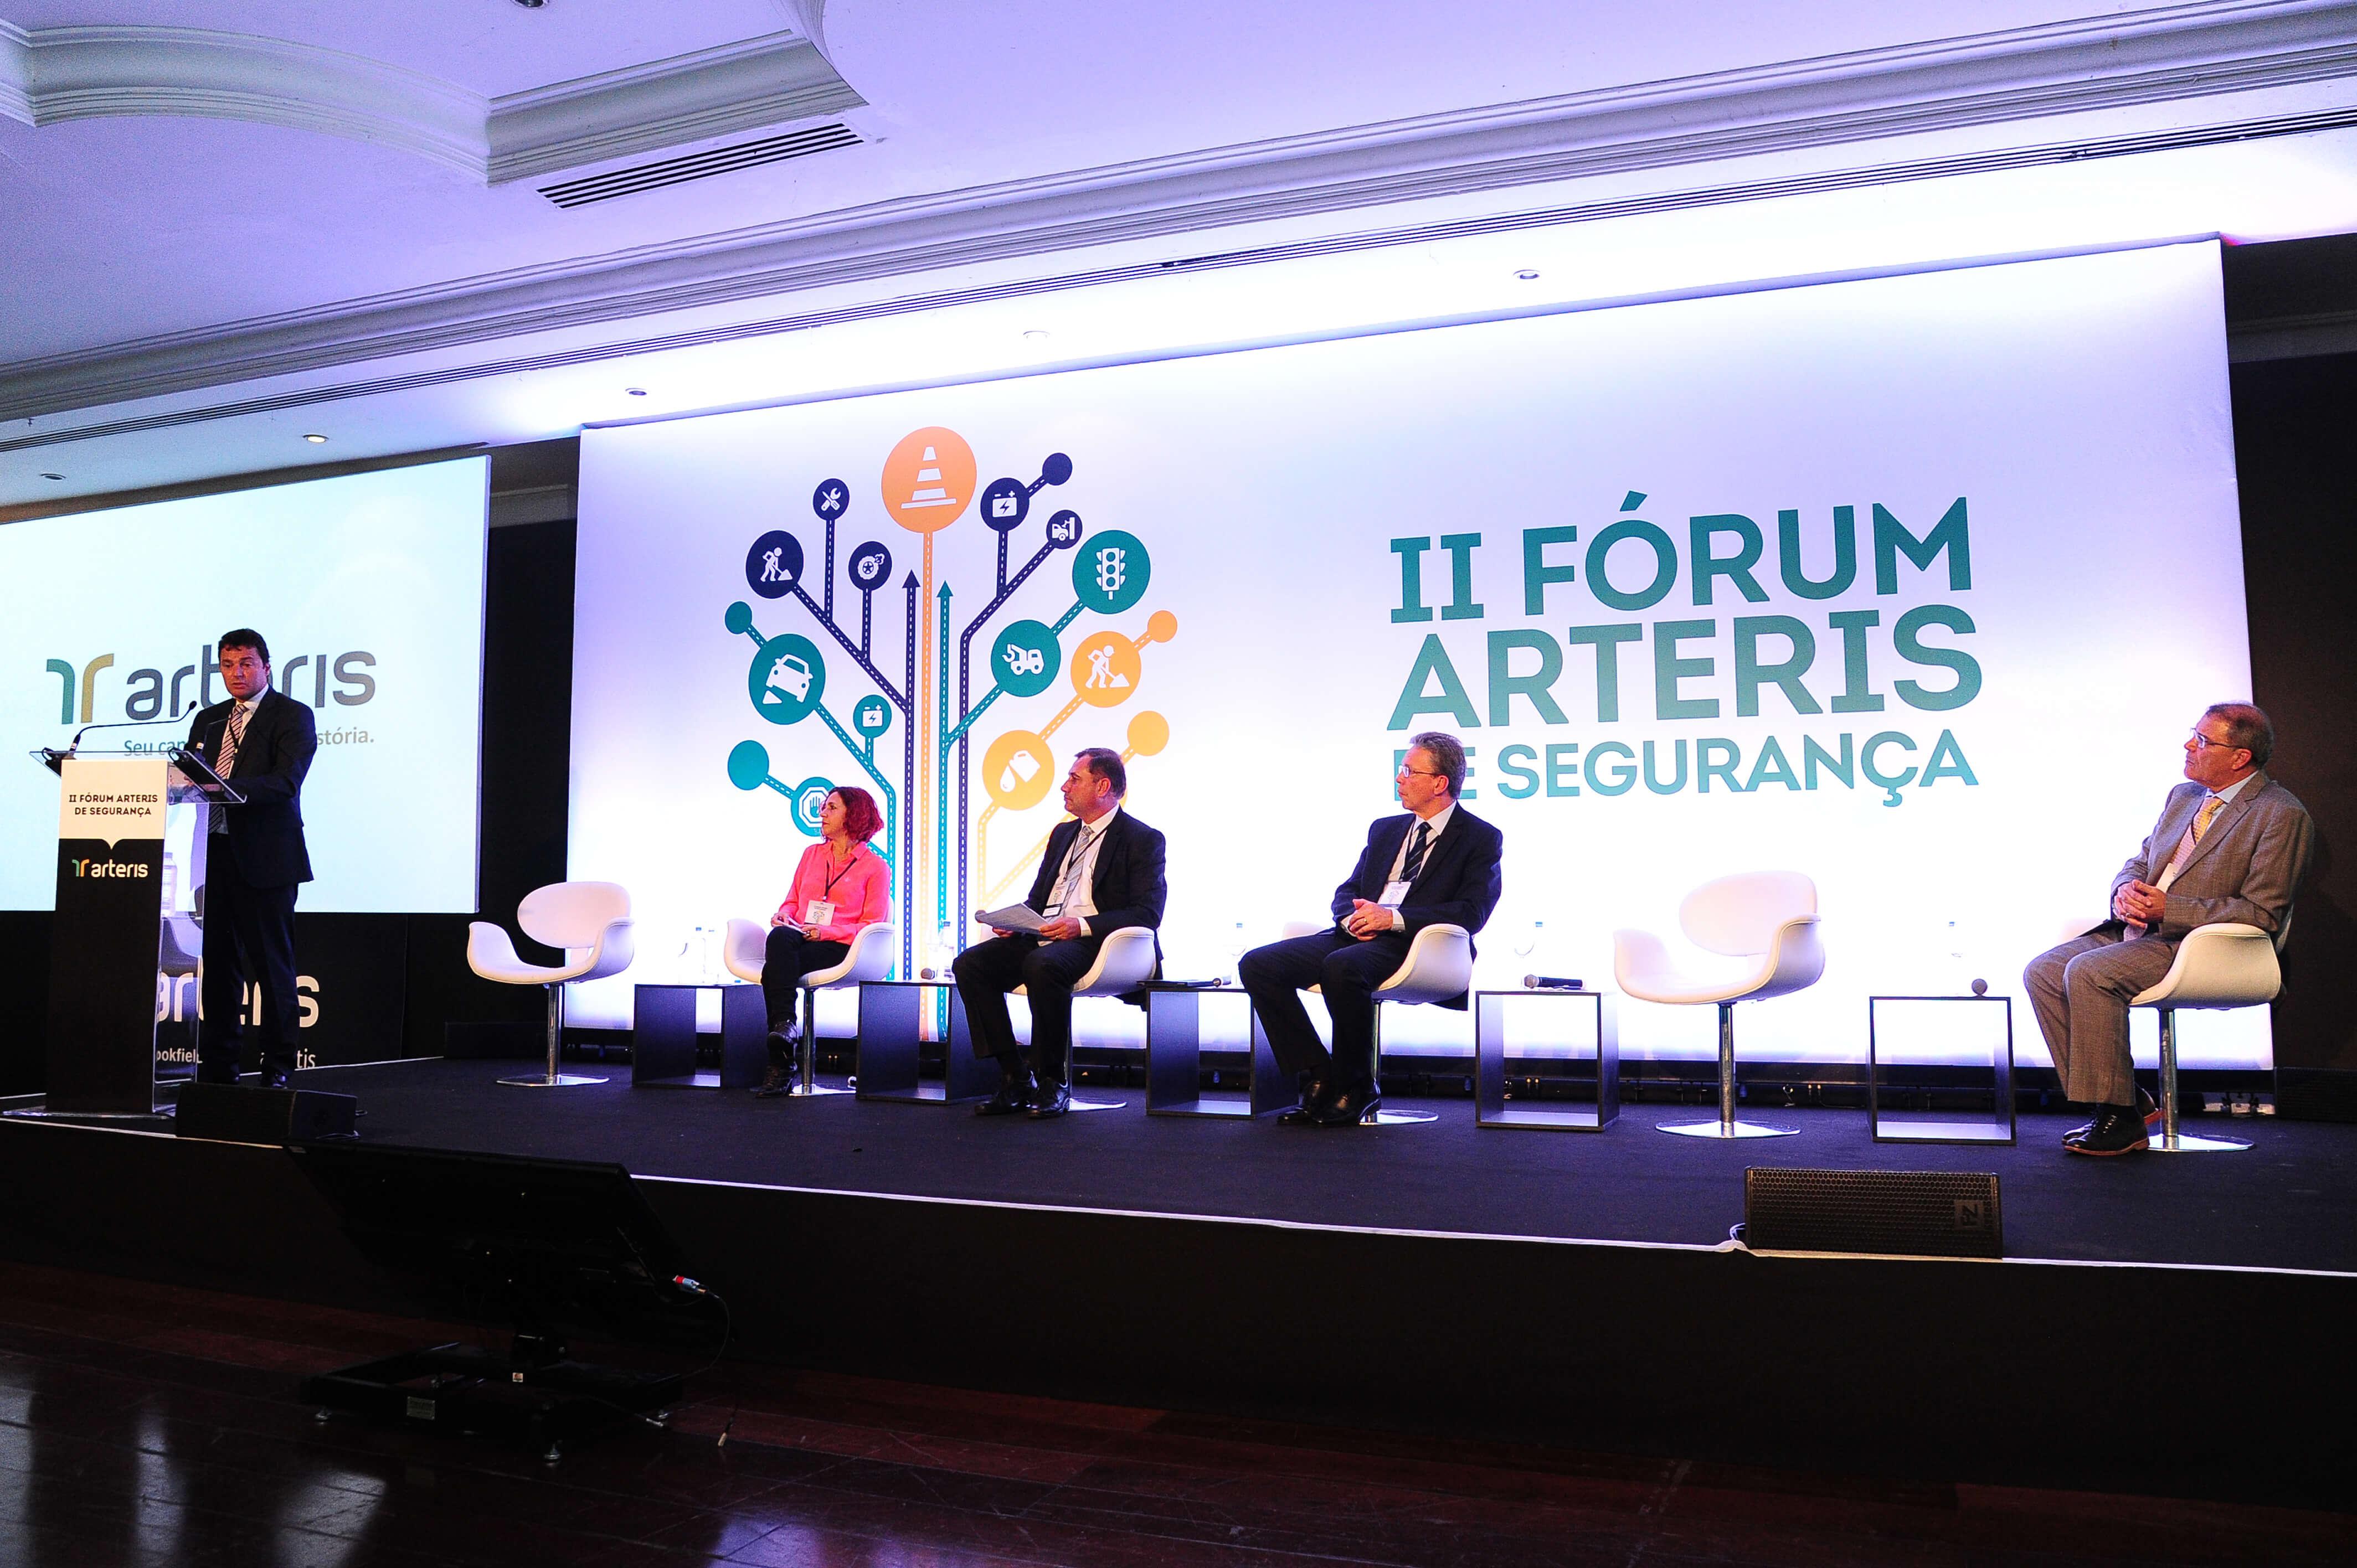 Arteris realiza o 5º Fórum sobre segurança, inovação e mobilidade; relembre edições anteriores